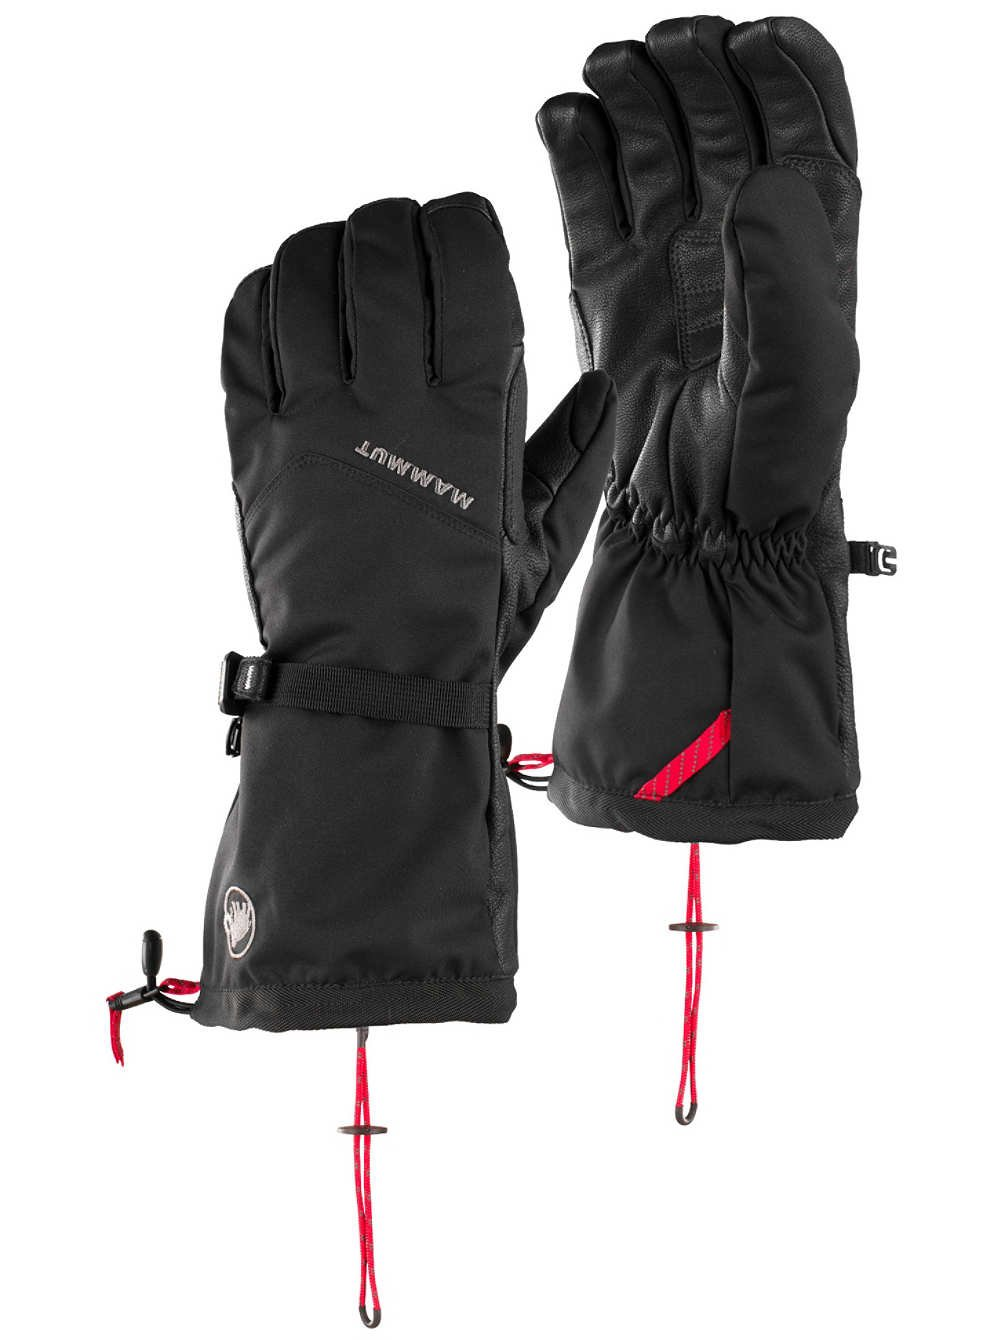 Masao 2 in 1 Glove